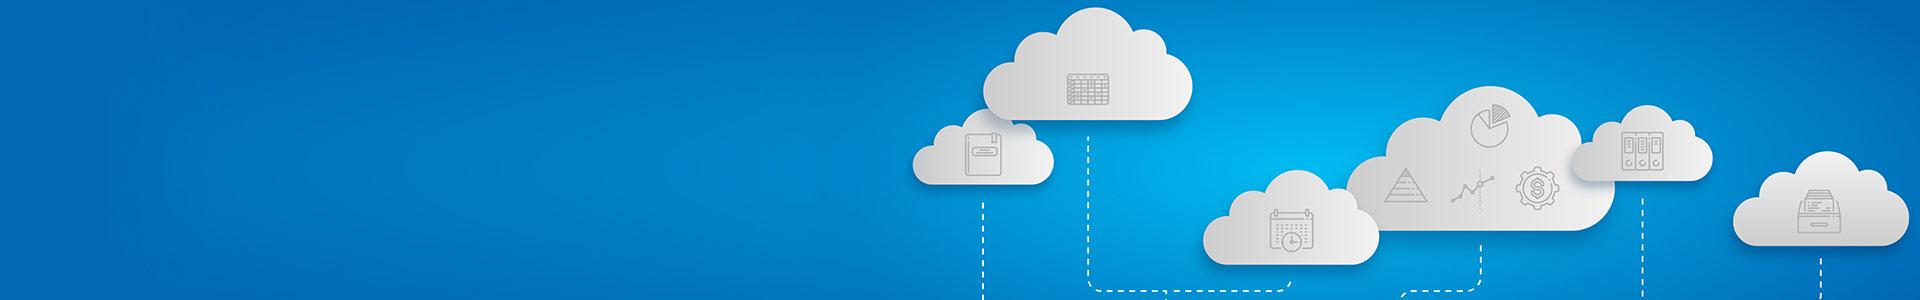 Compuworks - Soluções cloud